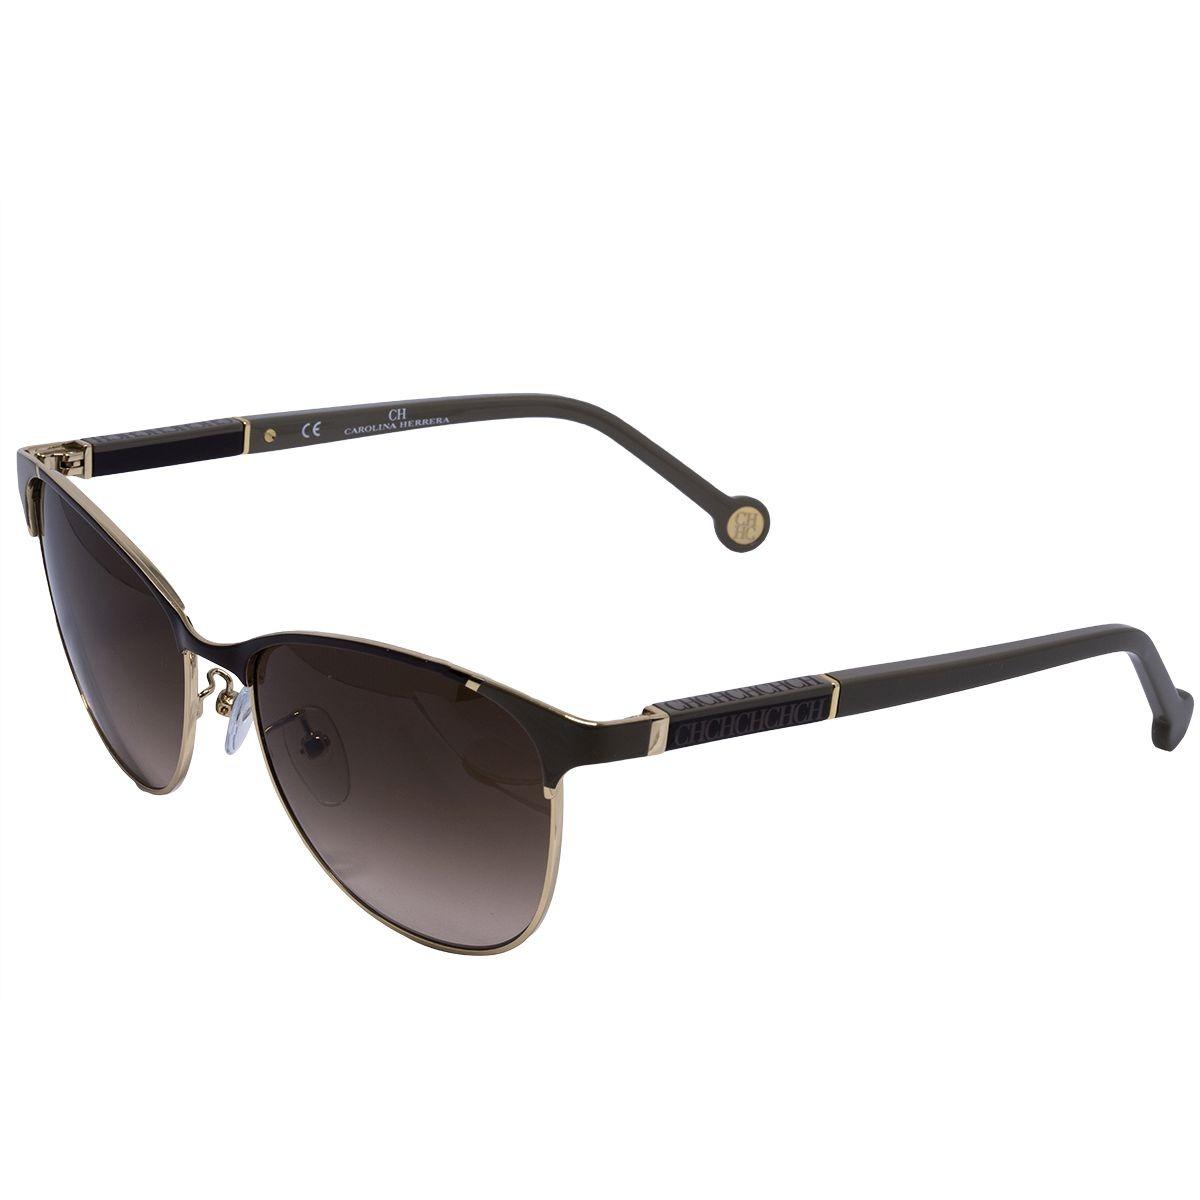 281c6f3461e91 Óculos De Sol Carolina Herrera Original She089 - R  987,00 em ...